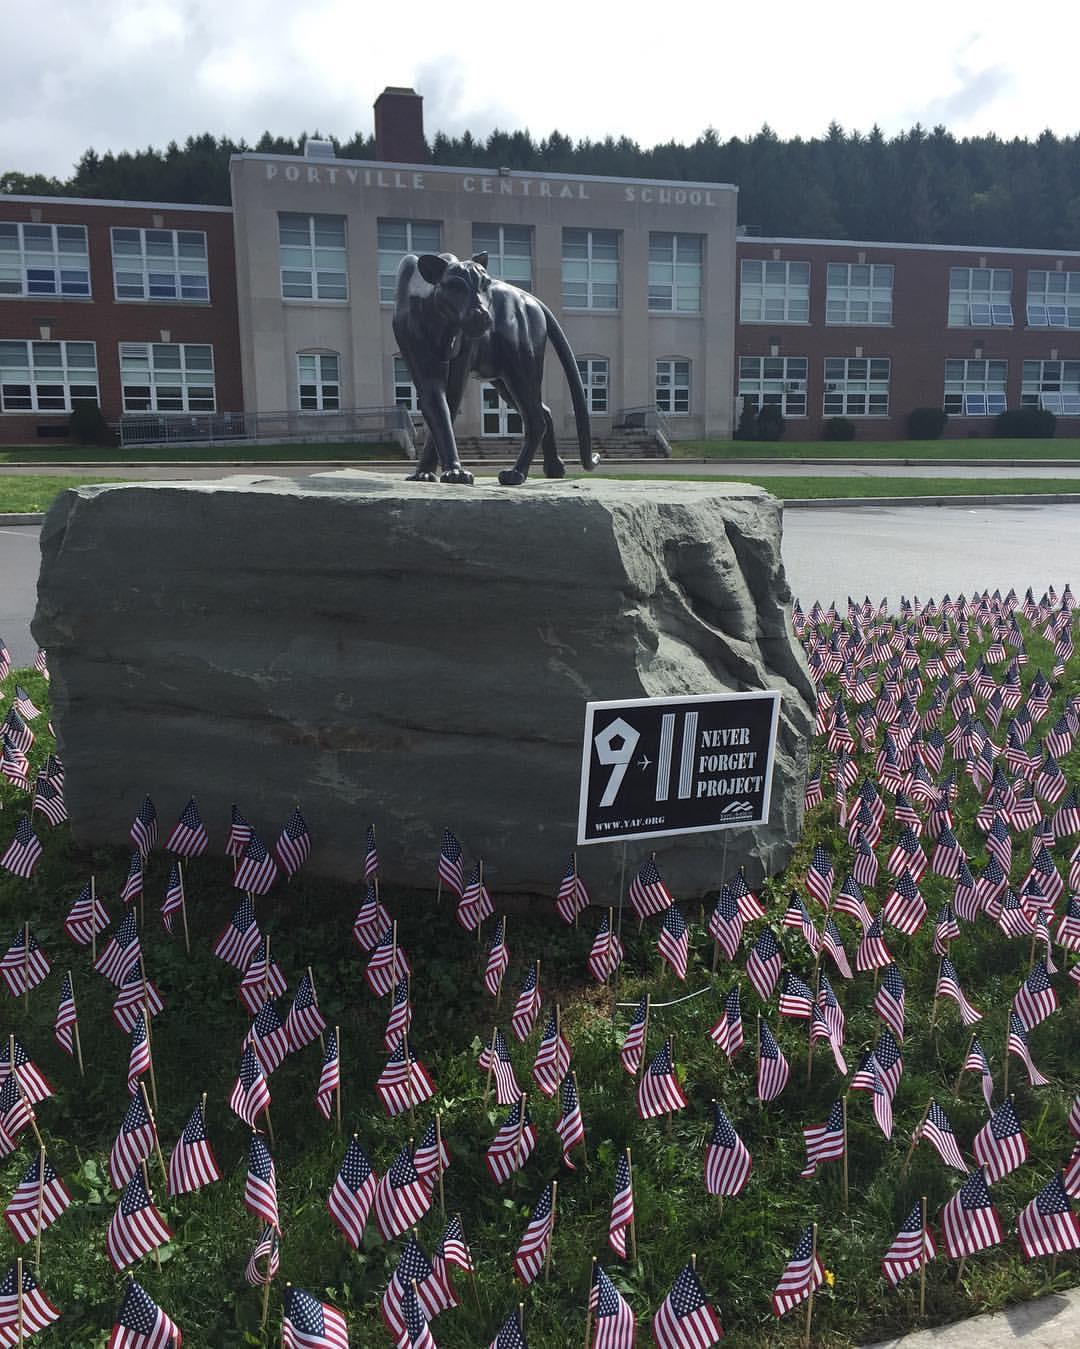 Portville Central School